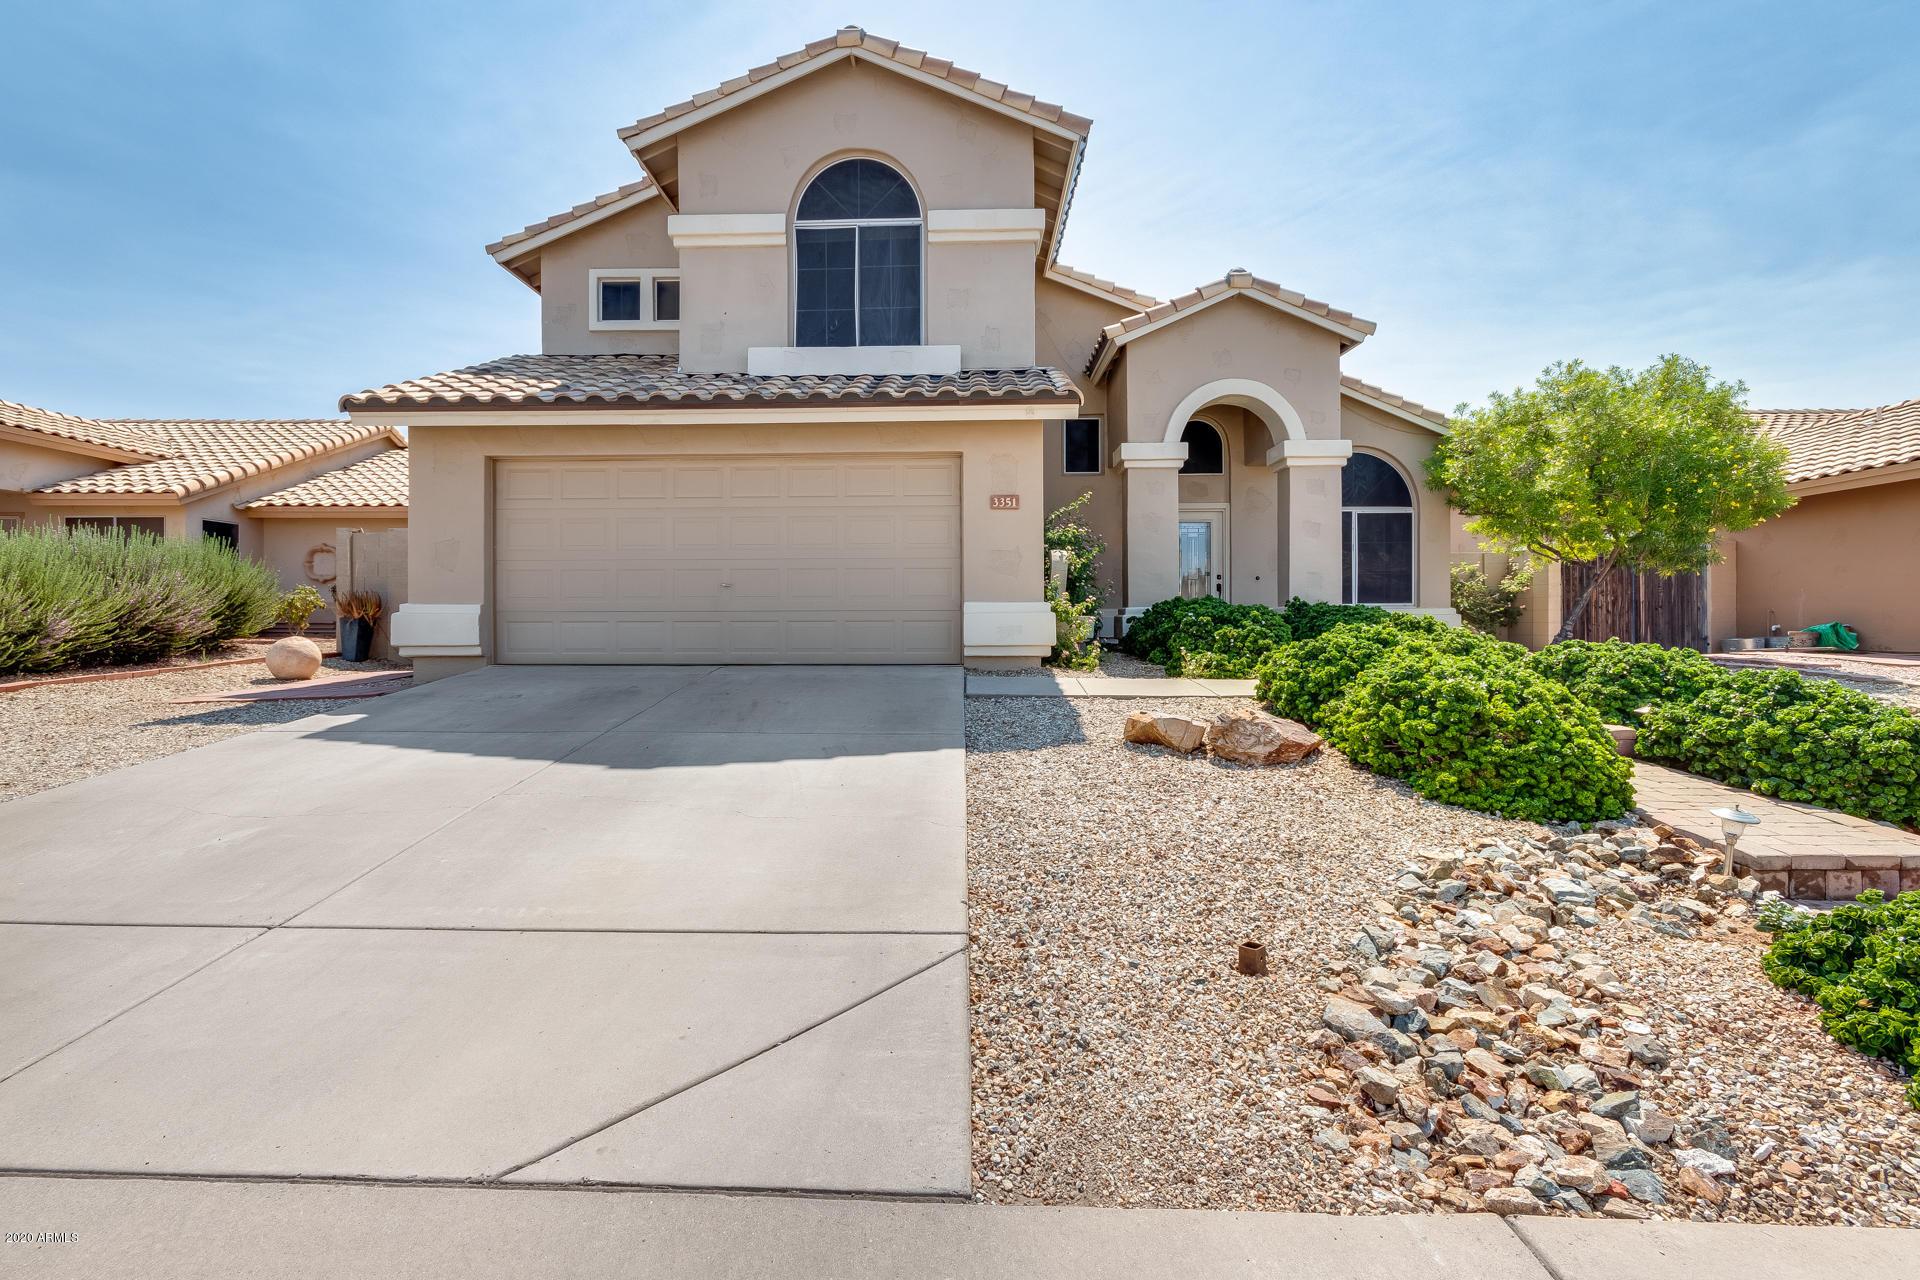 Photo of 3351 N REYNOLDS Street, Mesa, AZ 85215